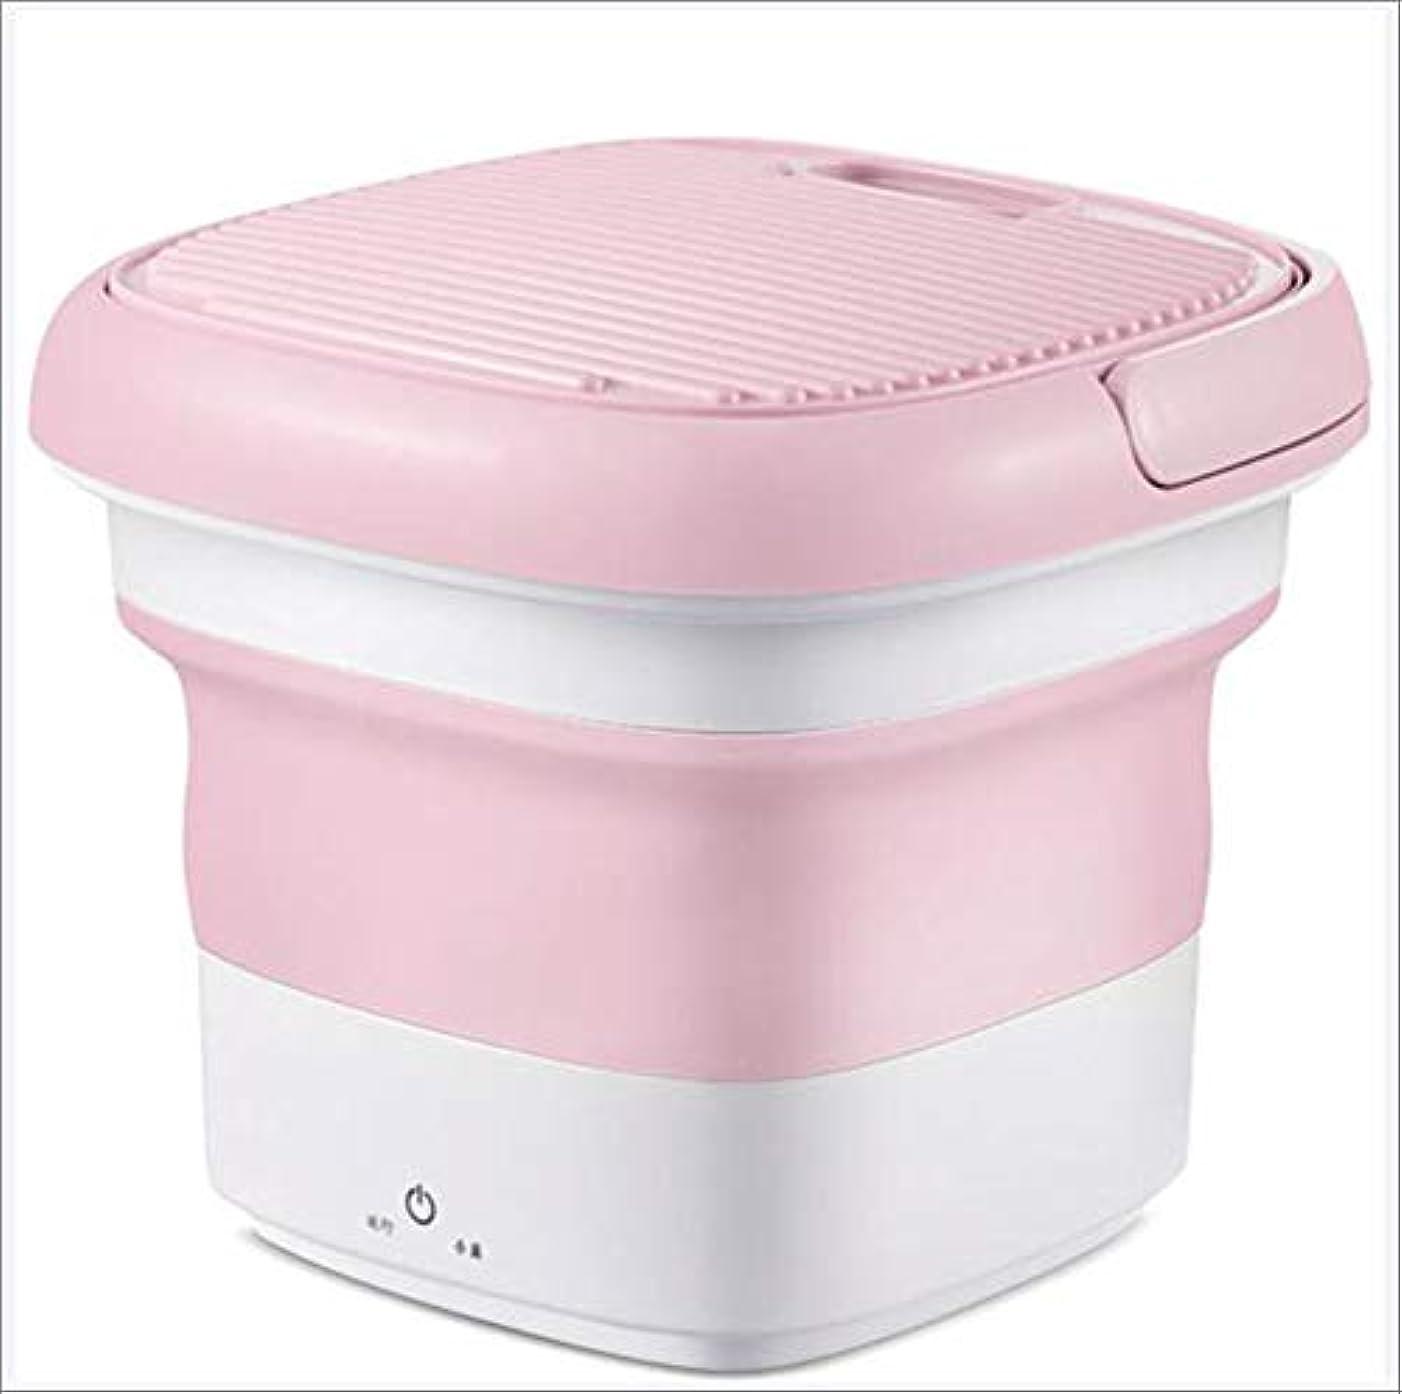 考えた聴覚参加するミニキャンプの洗濯機 ポータブル洗濯機 排水管で キャンプ寮アパートカレッジのお部屋,ピンク